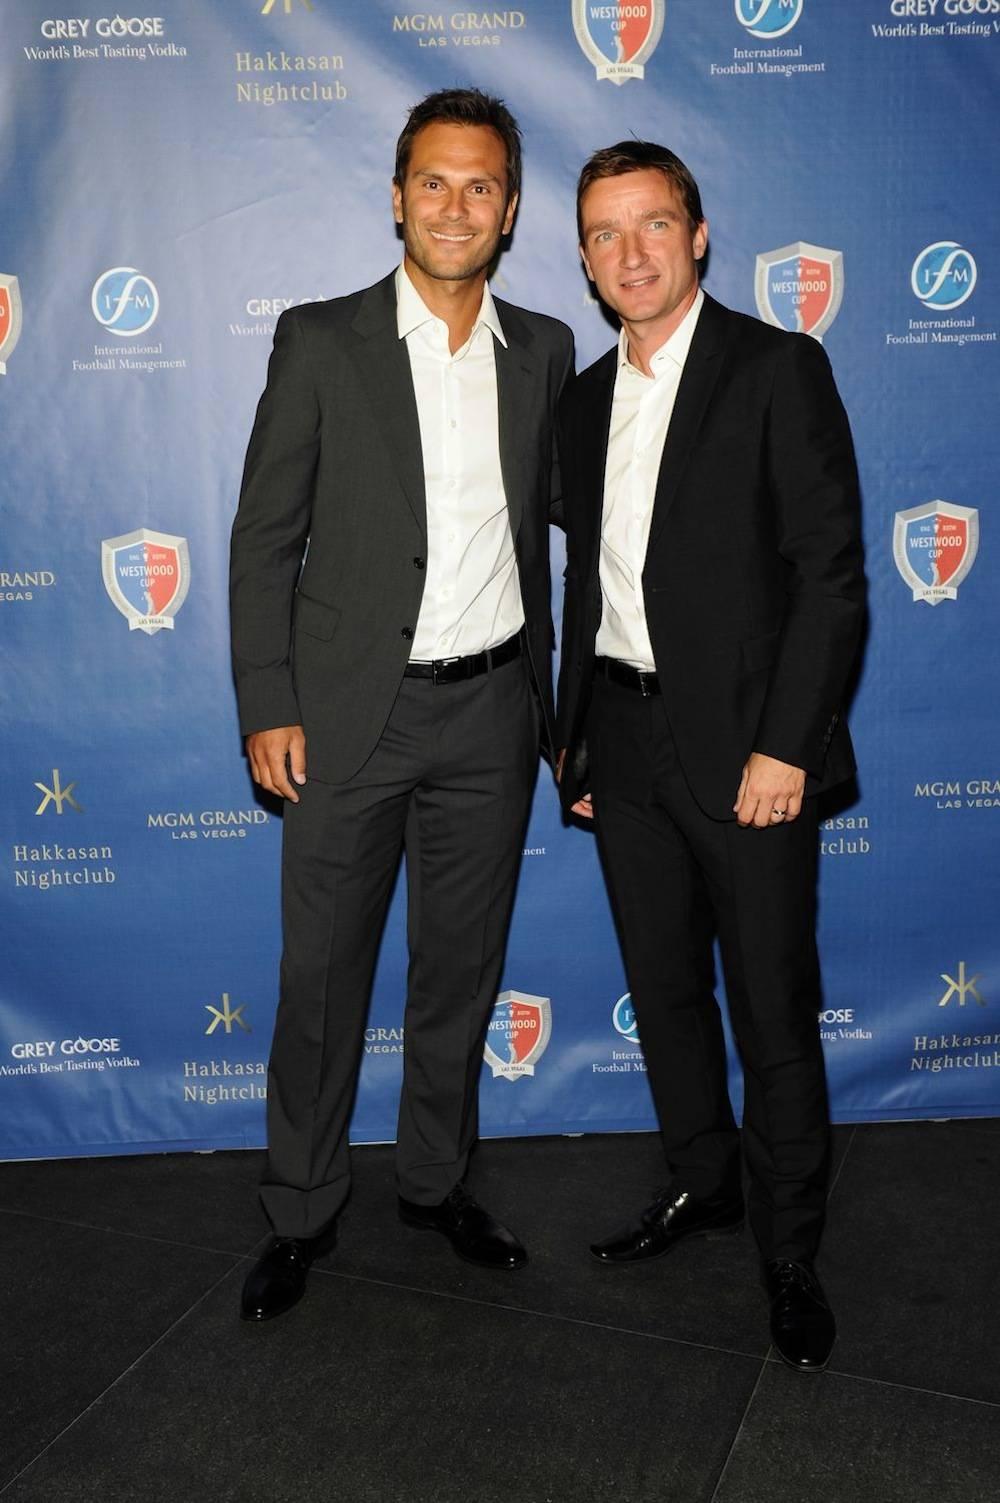 Patrik Berger and Vladimír Šmicer